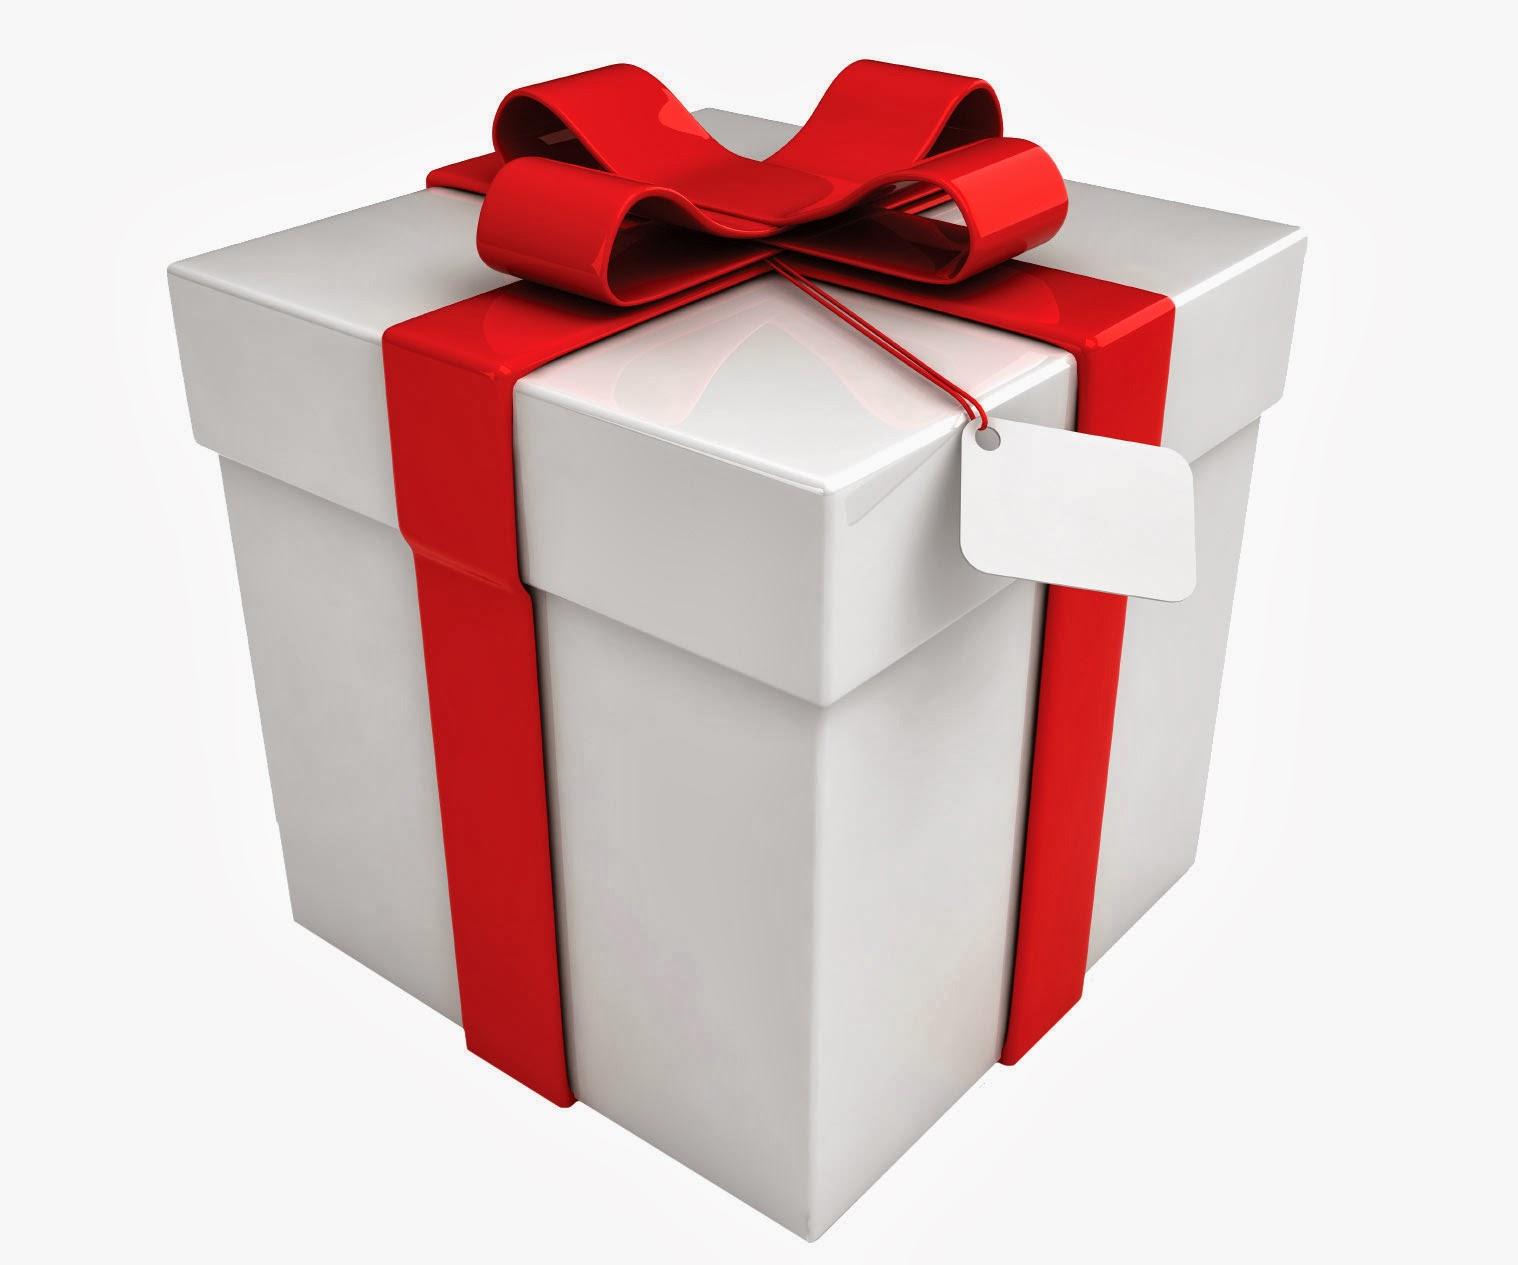 sognare regali